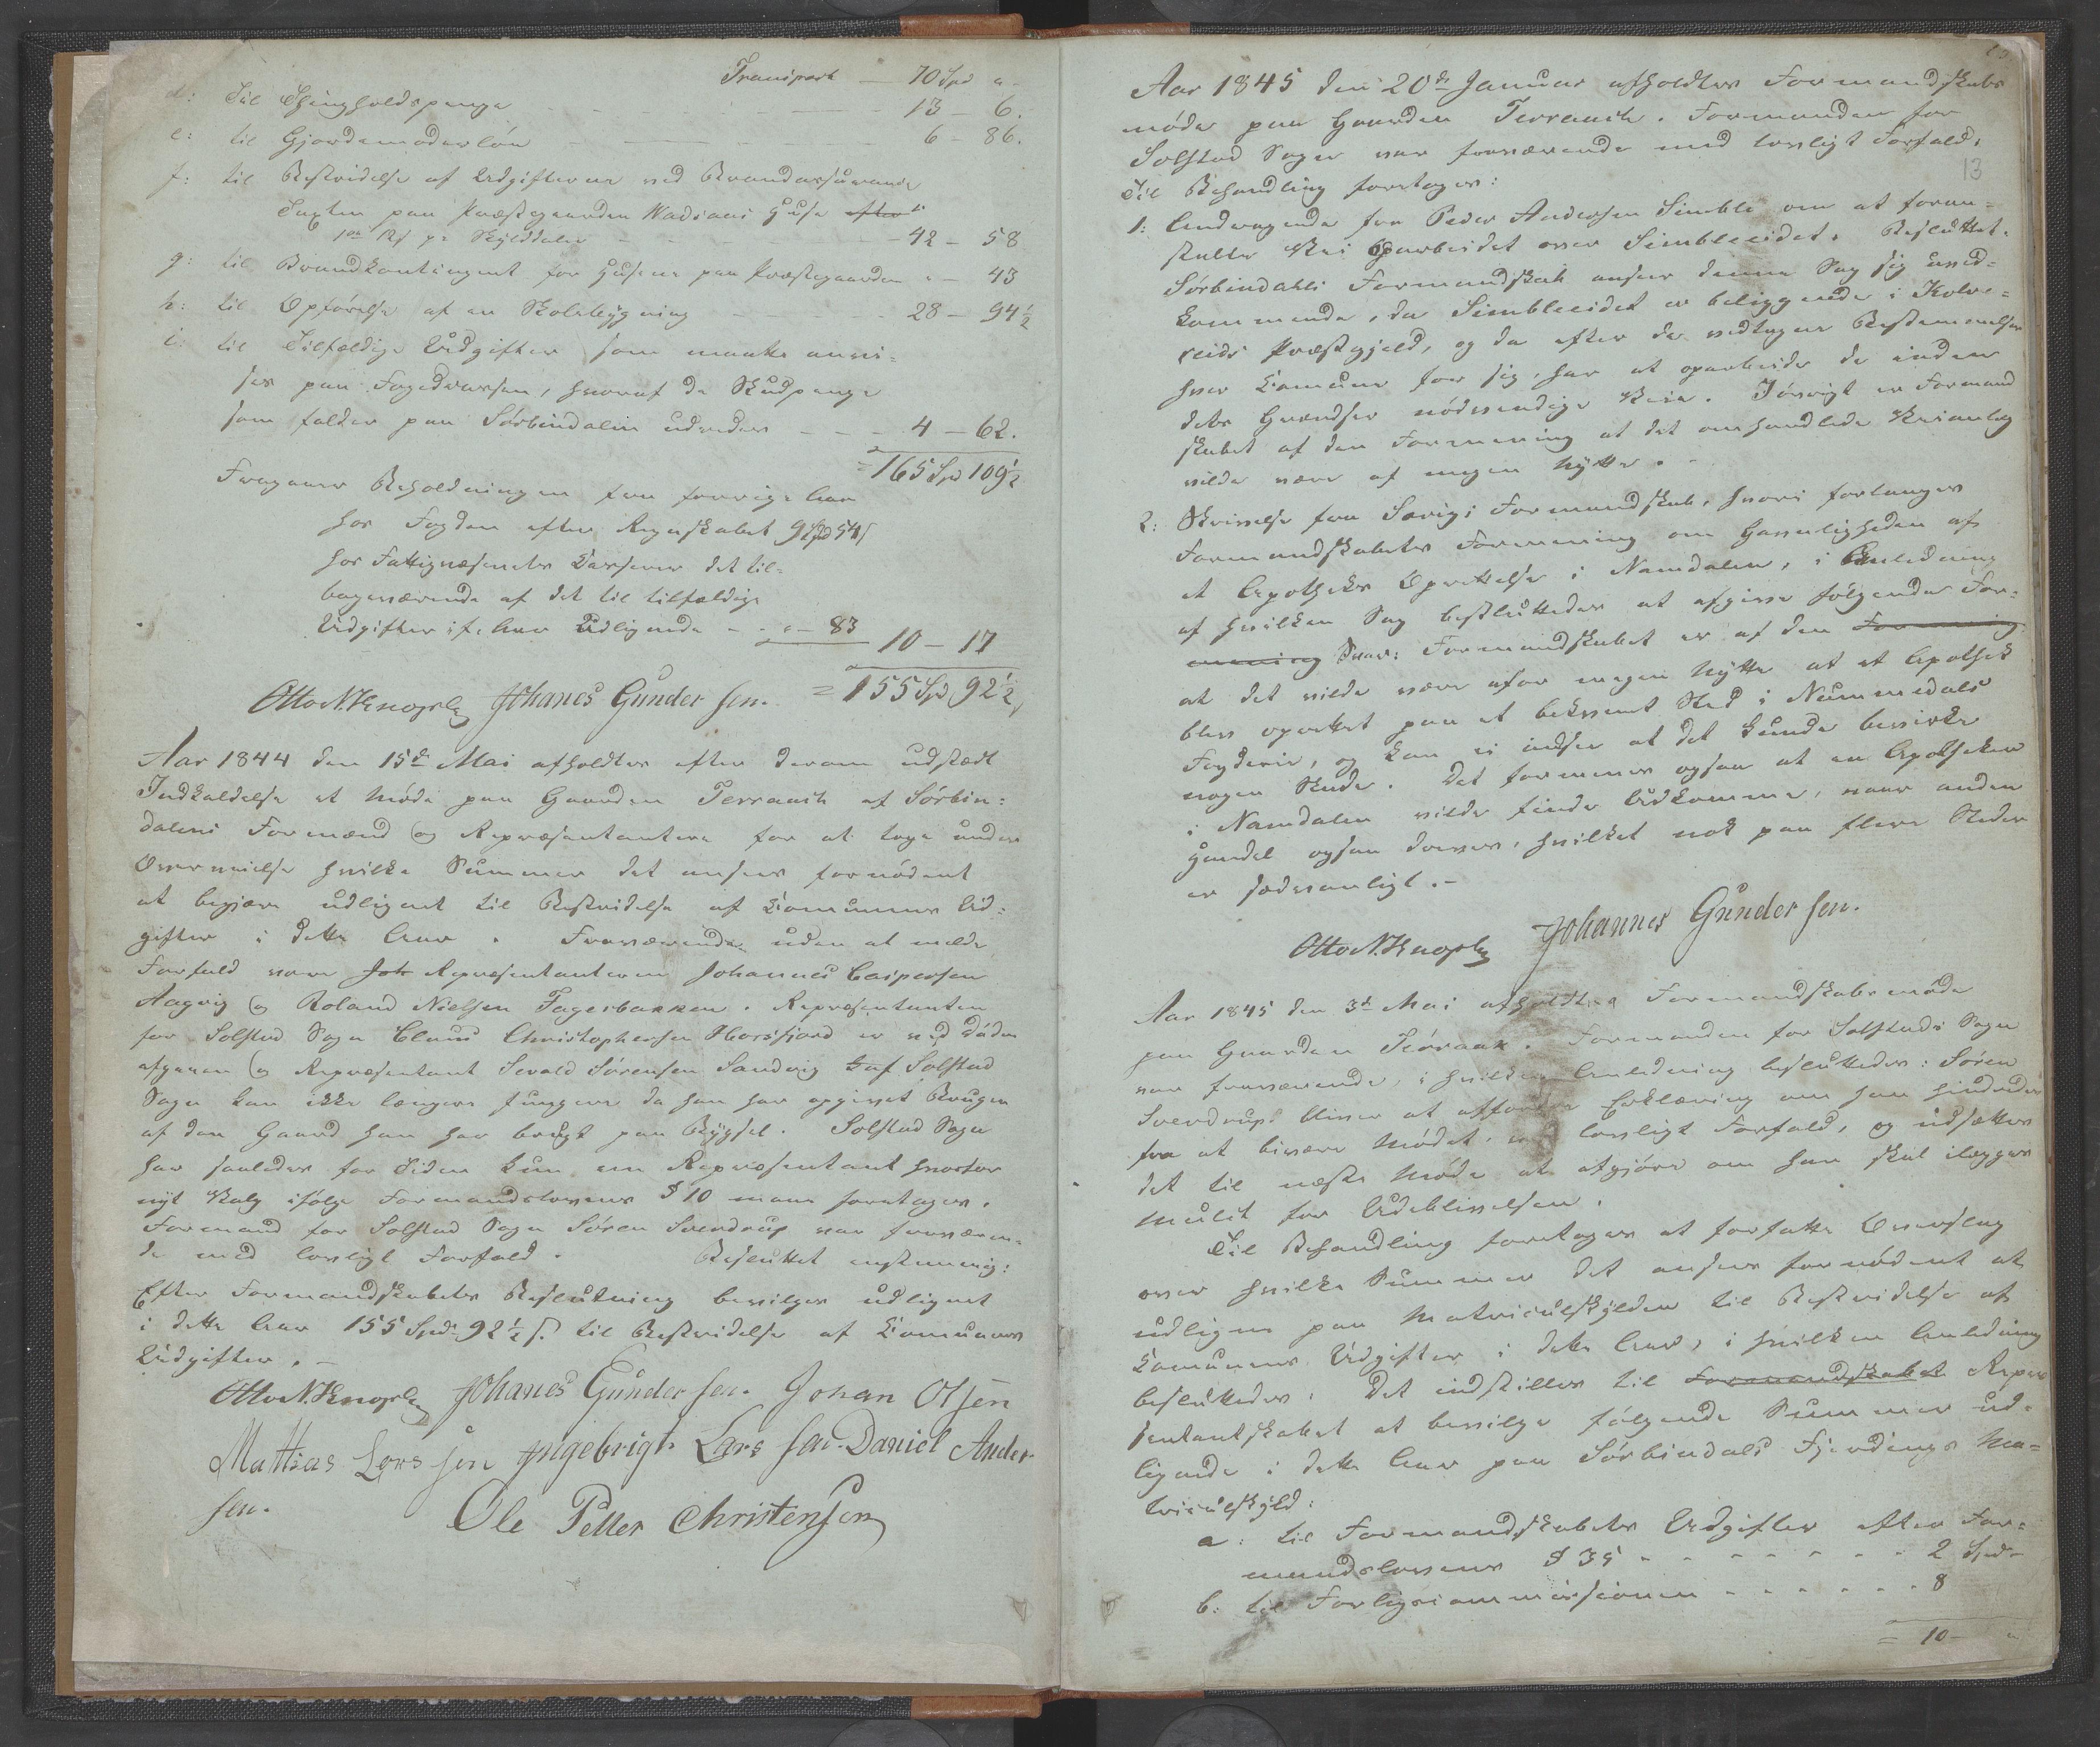 AIN, Bindal kommune. Formannskapet, A/Aa/L0000a: Møtebok, 1843-1881, s. 13